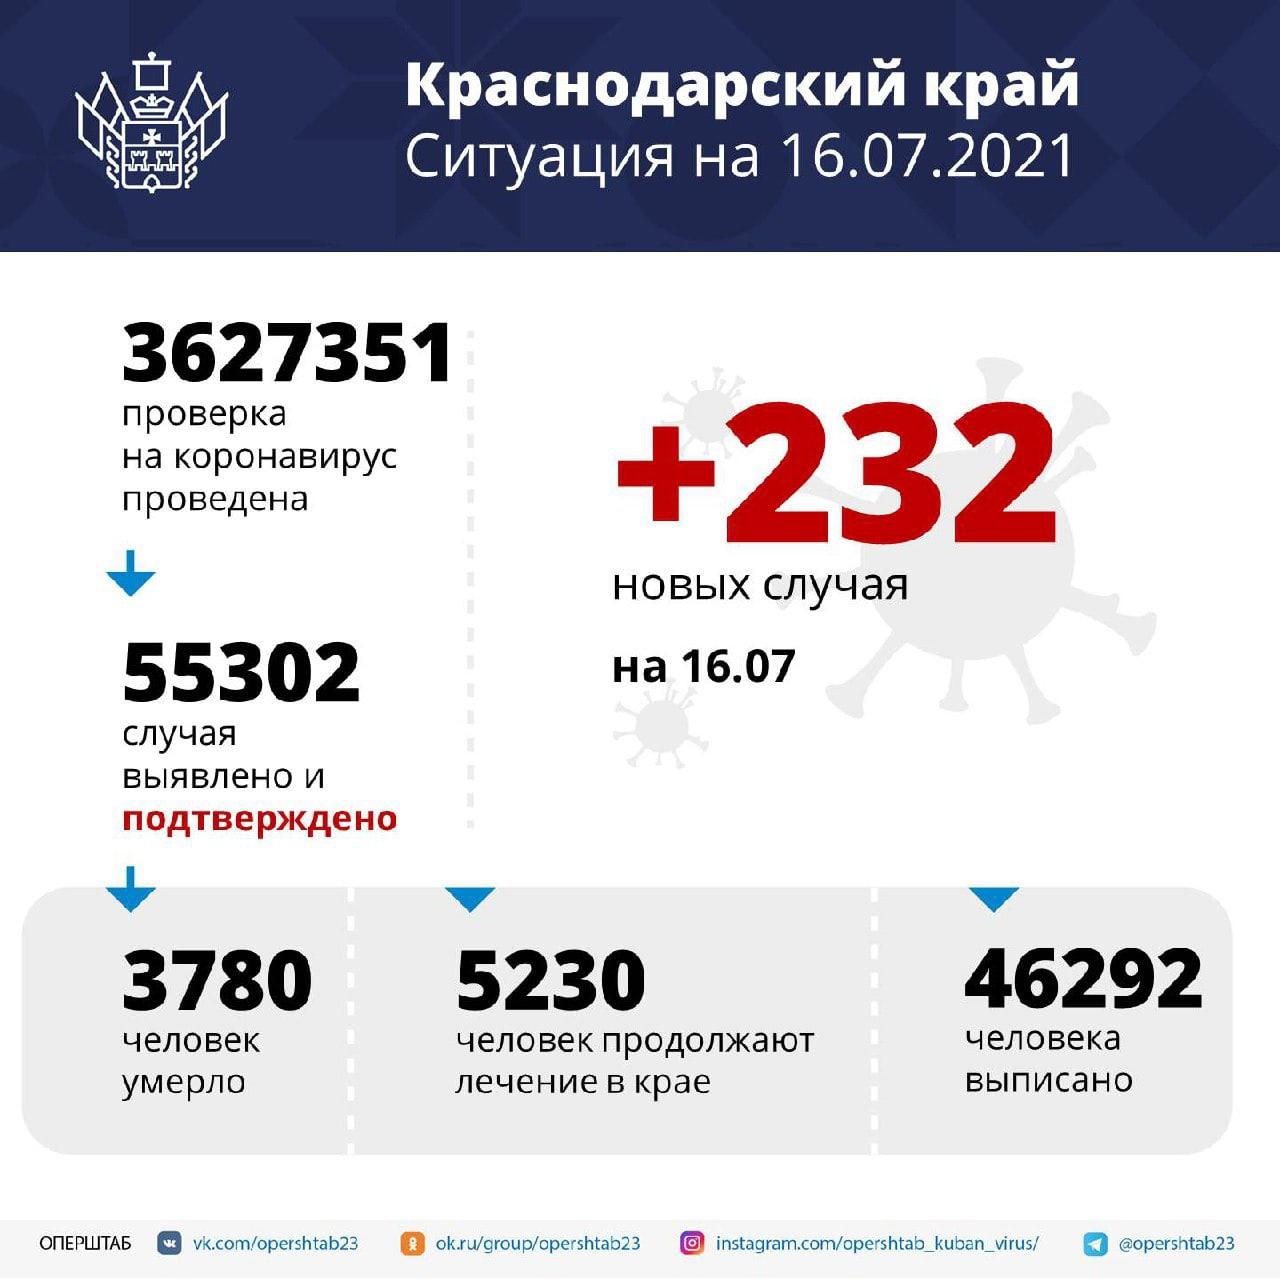 На Кубани за сутки подтвердили 232 новых случая...